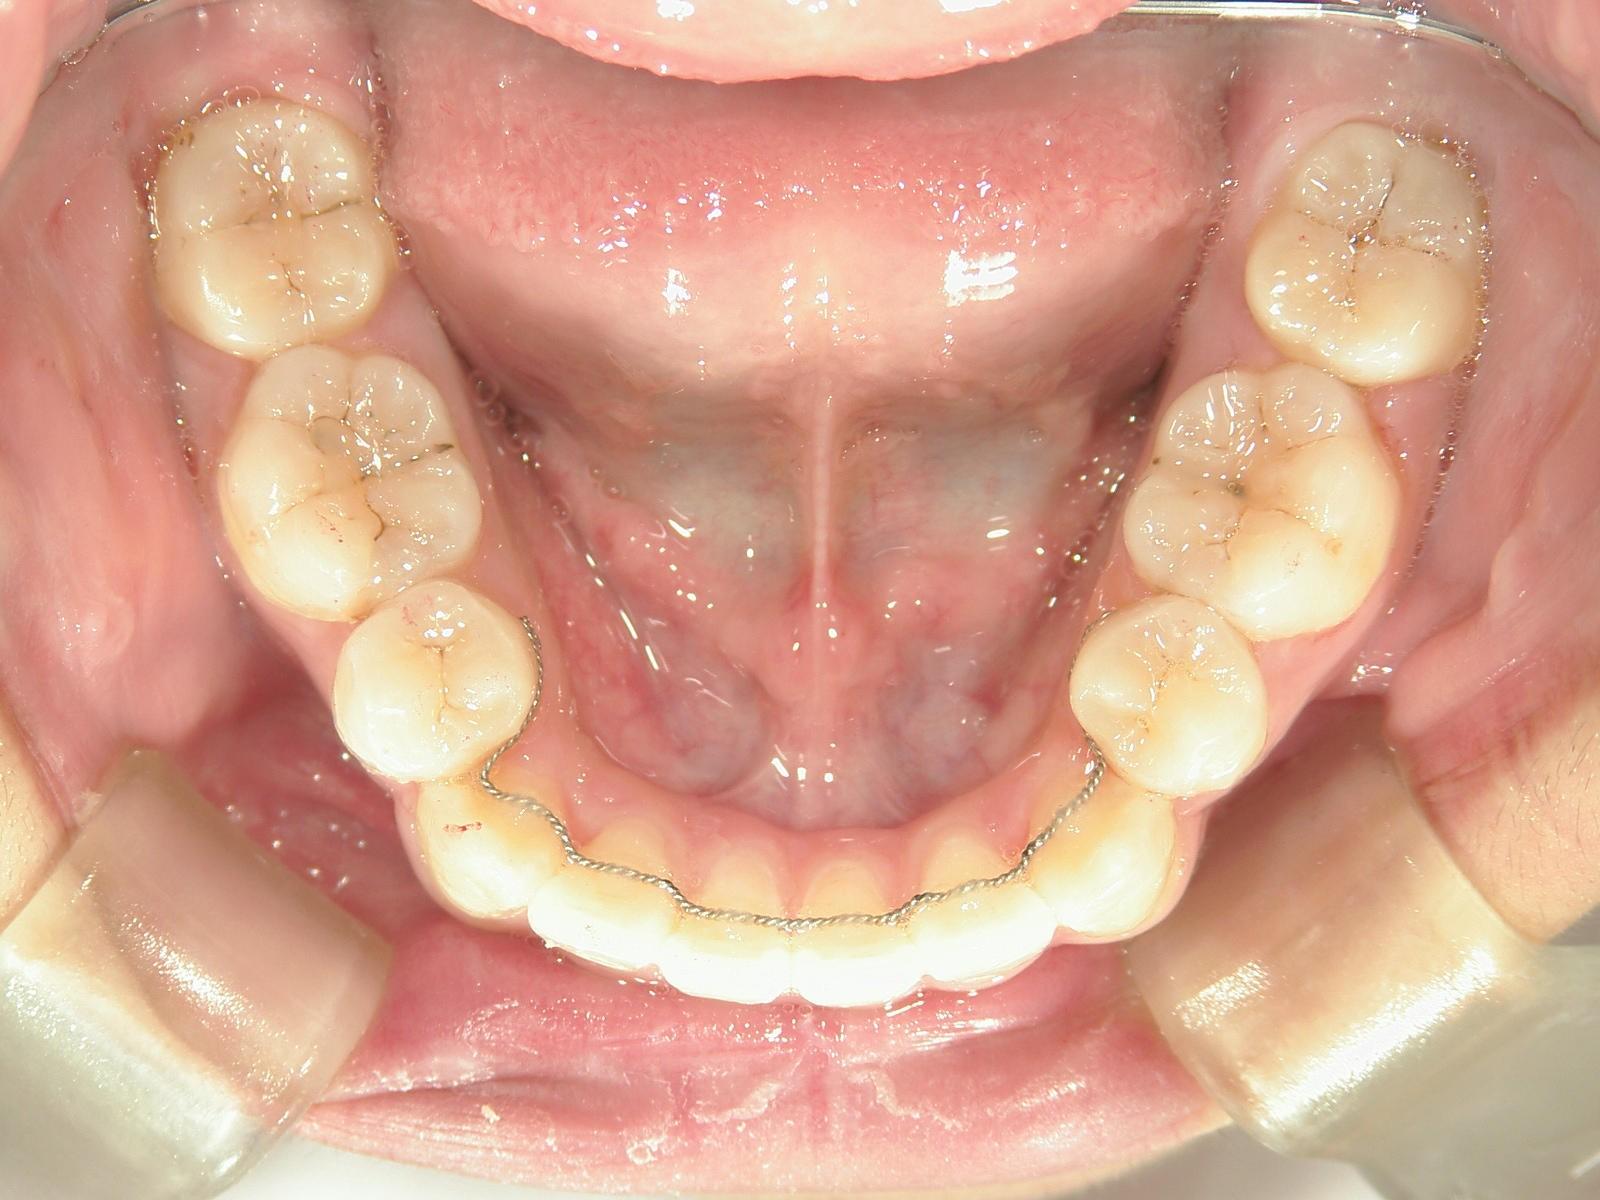 全顎ワイヤー矯正 症例(33)